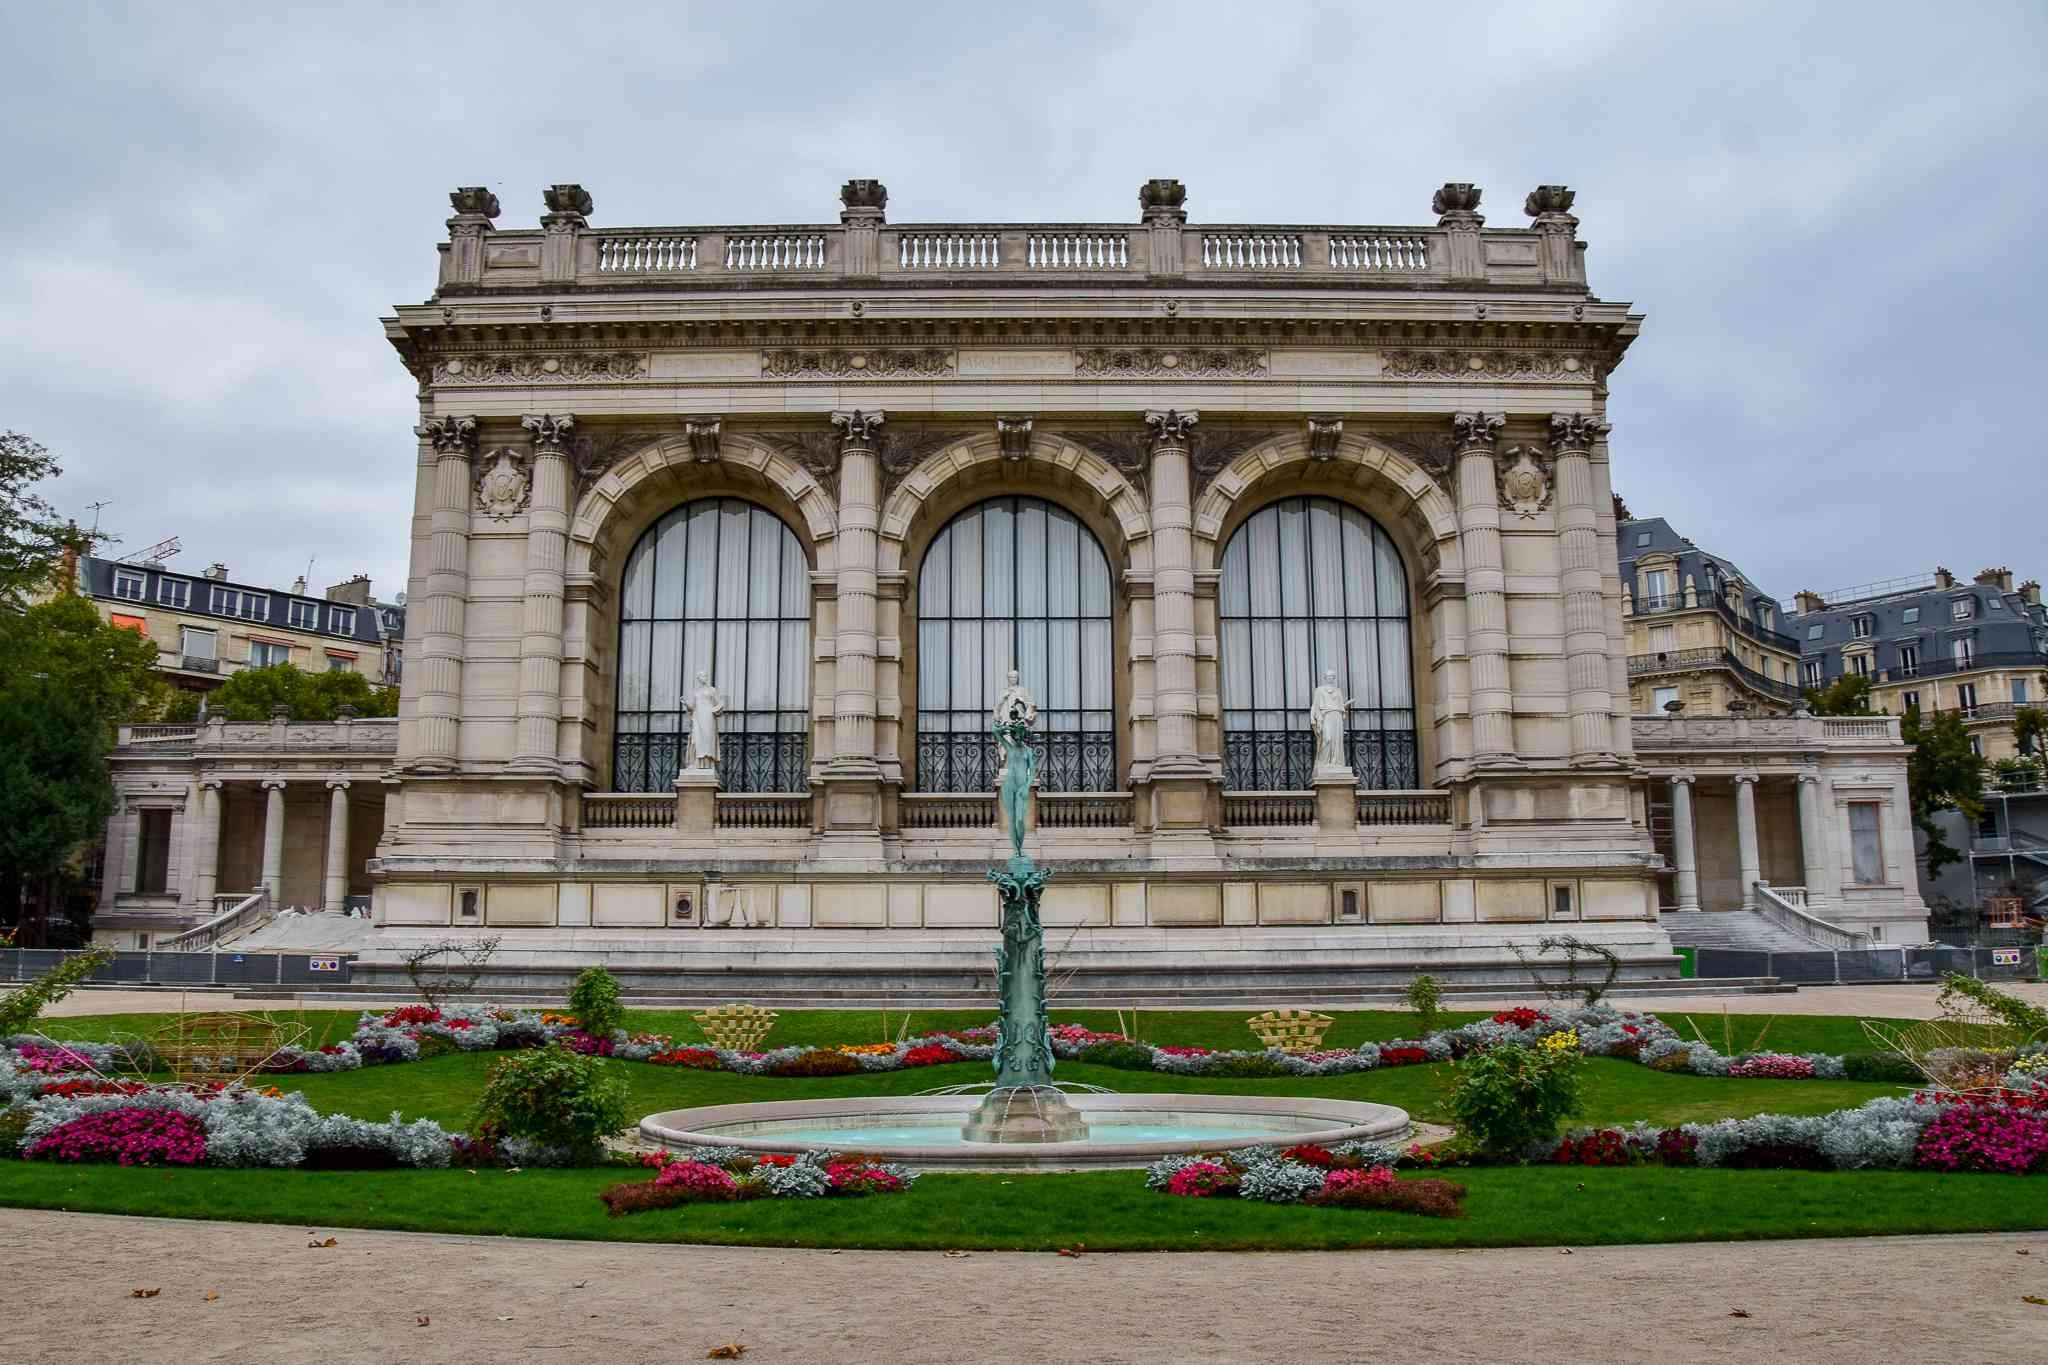 The Palais Galleria in Paris, France